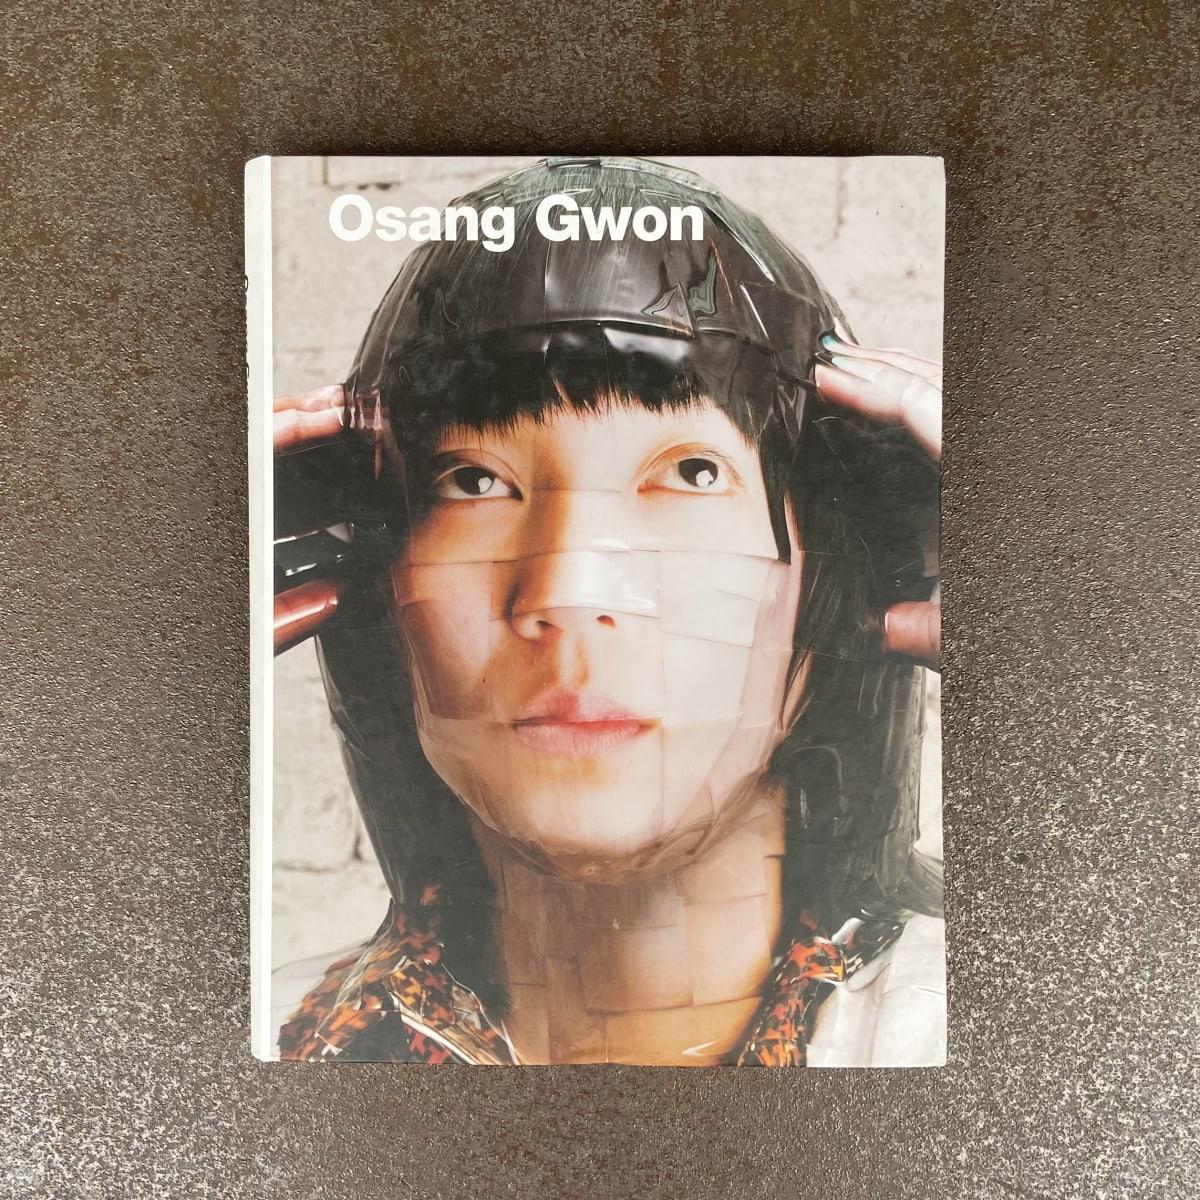 Gwon Osang: Osang Gwon